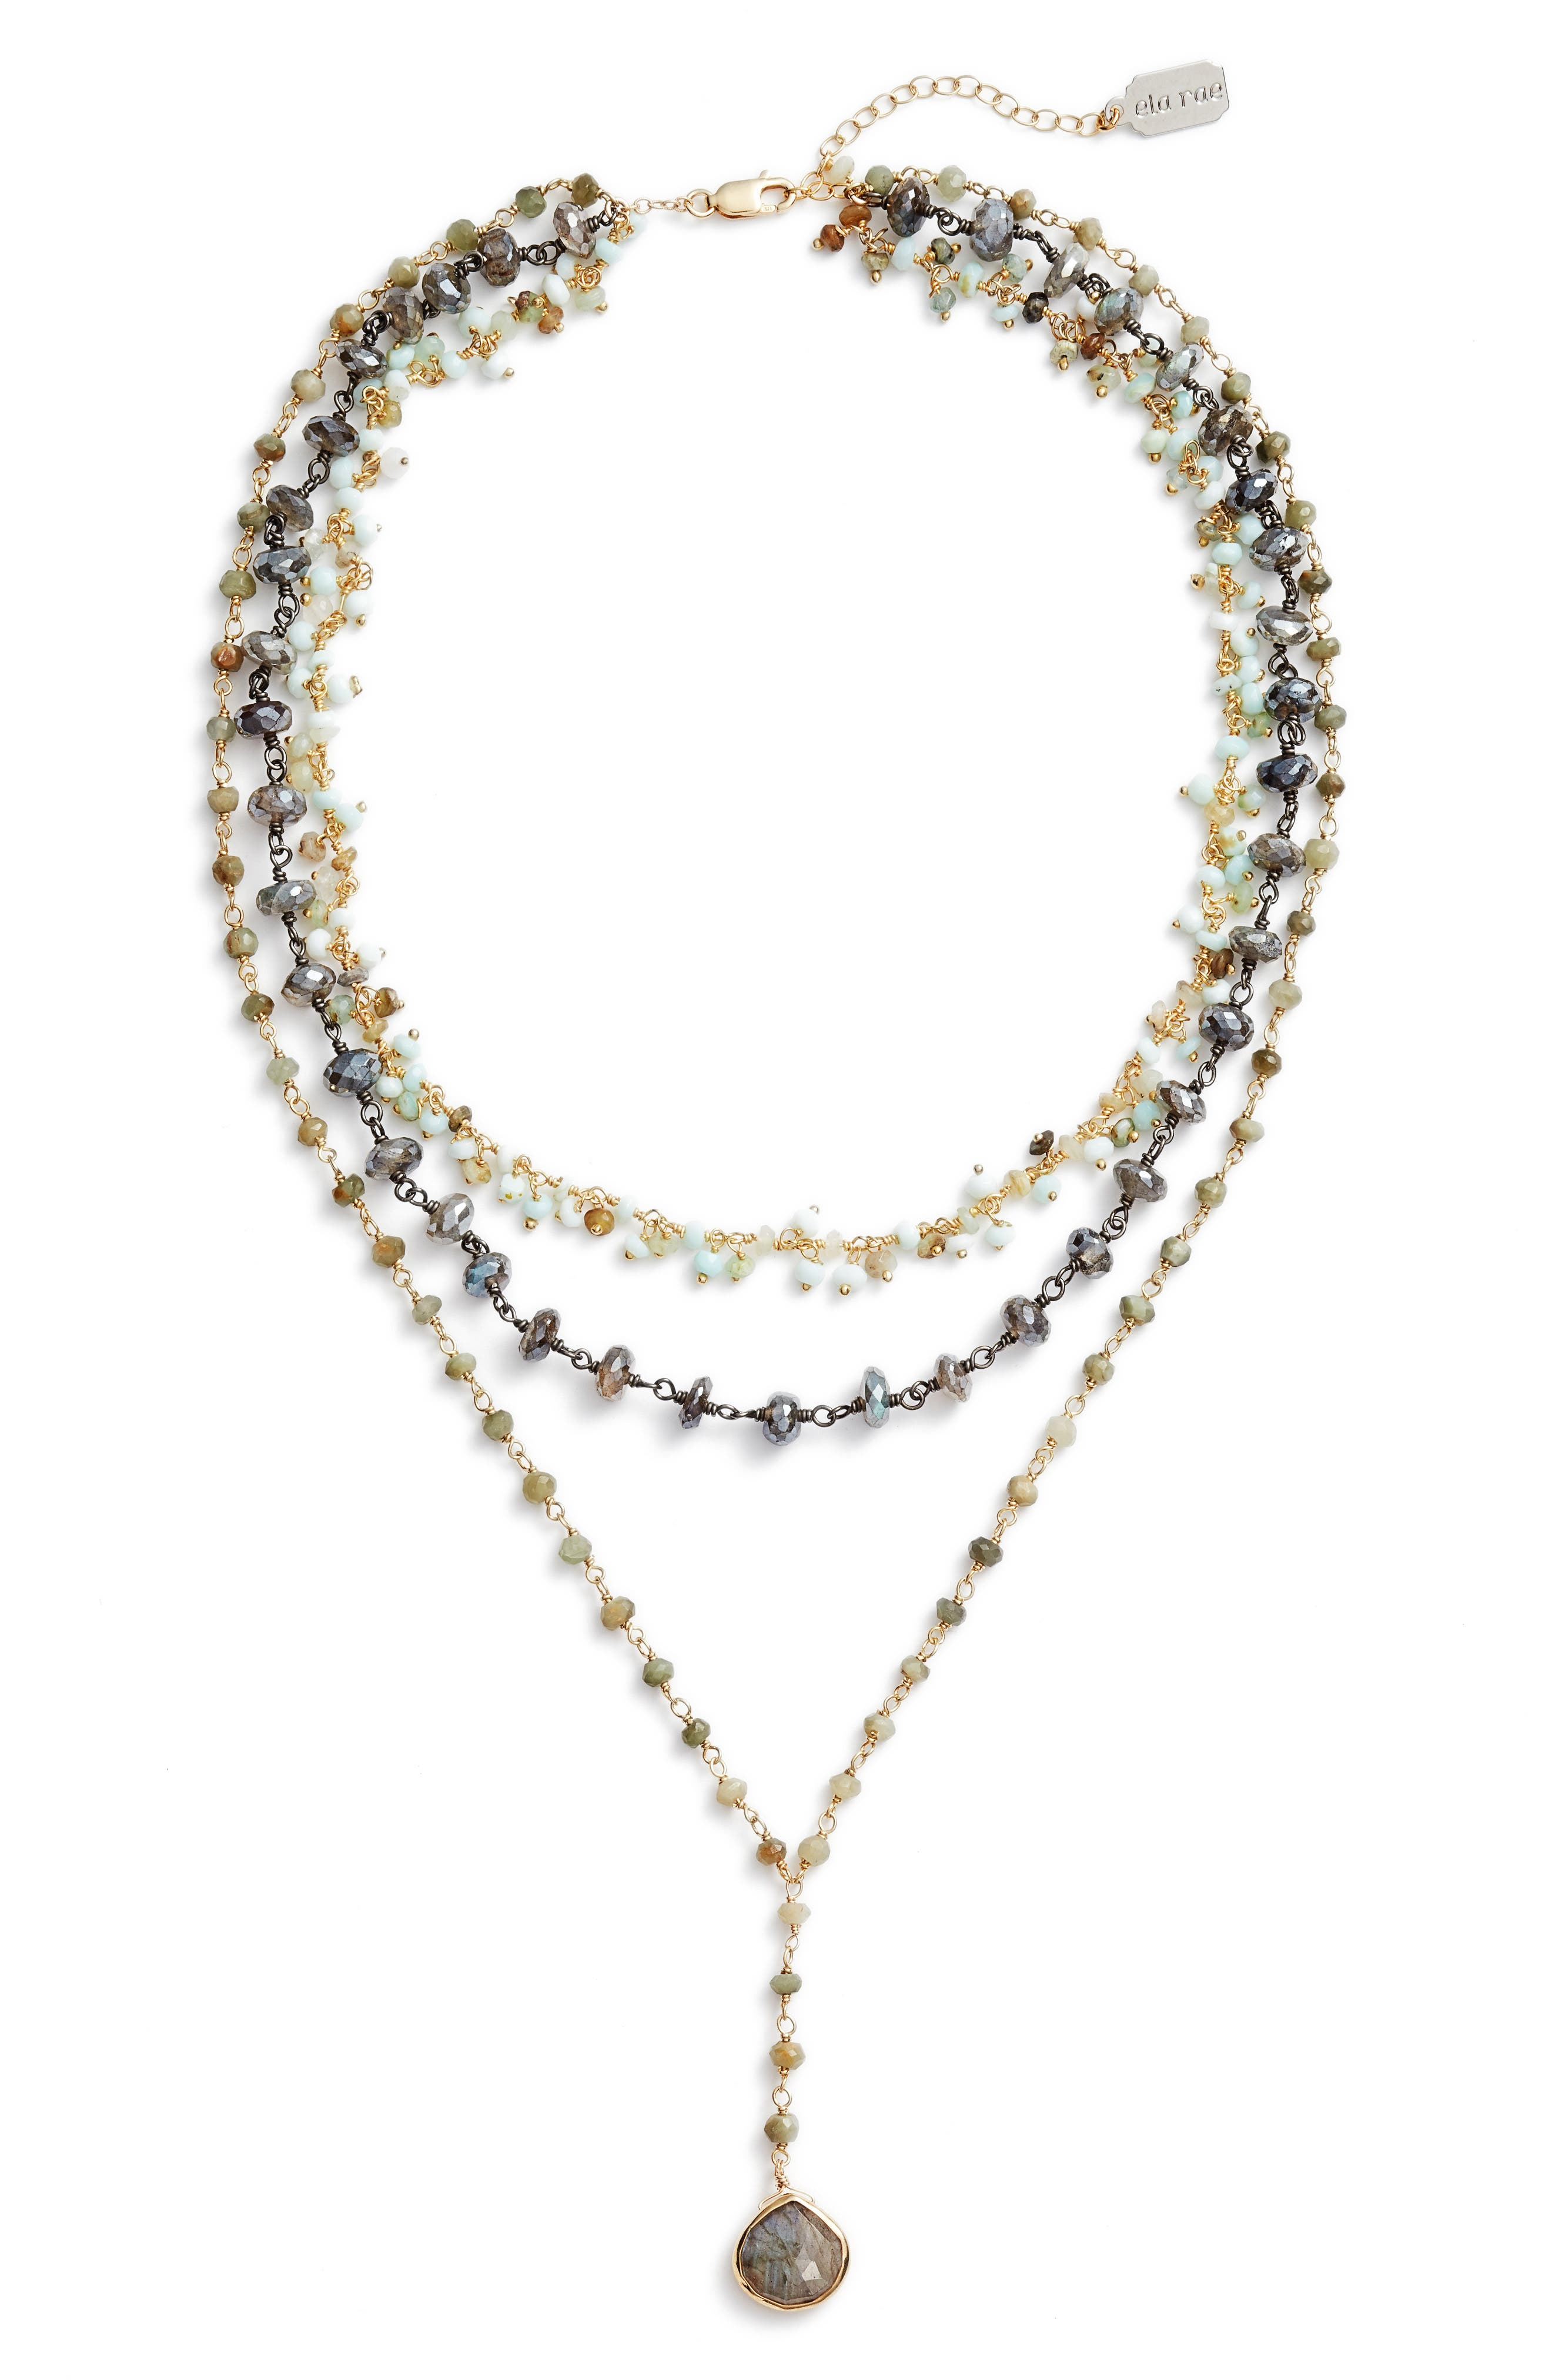 Multistrand Y-Necklace,                         Main,                         color, PERUVIAN OPAL/ LABRADORITE